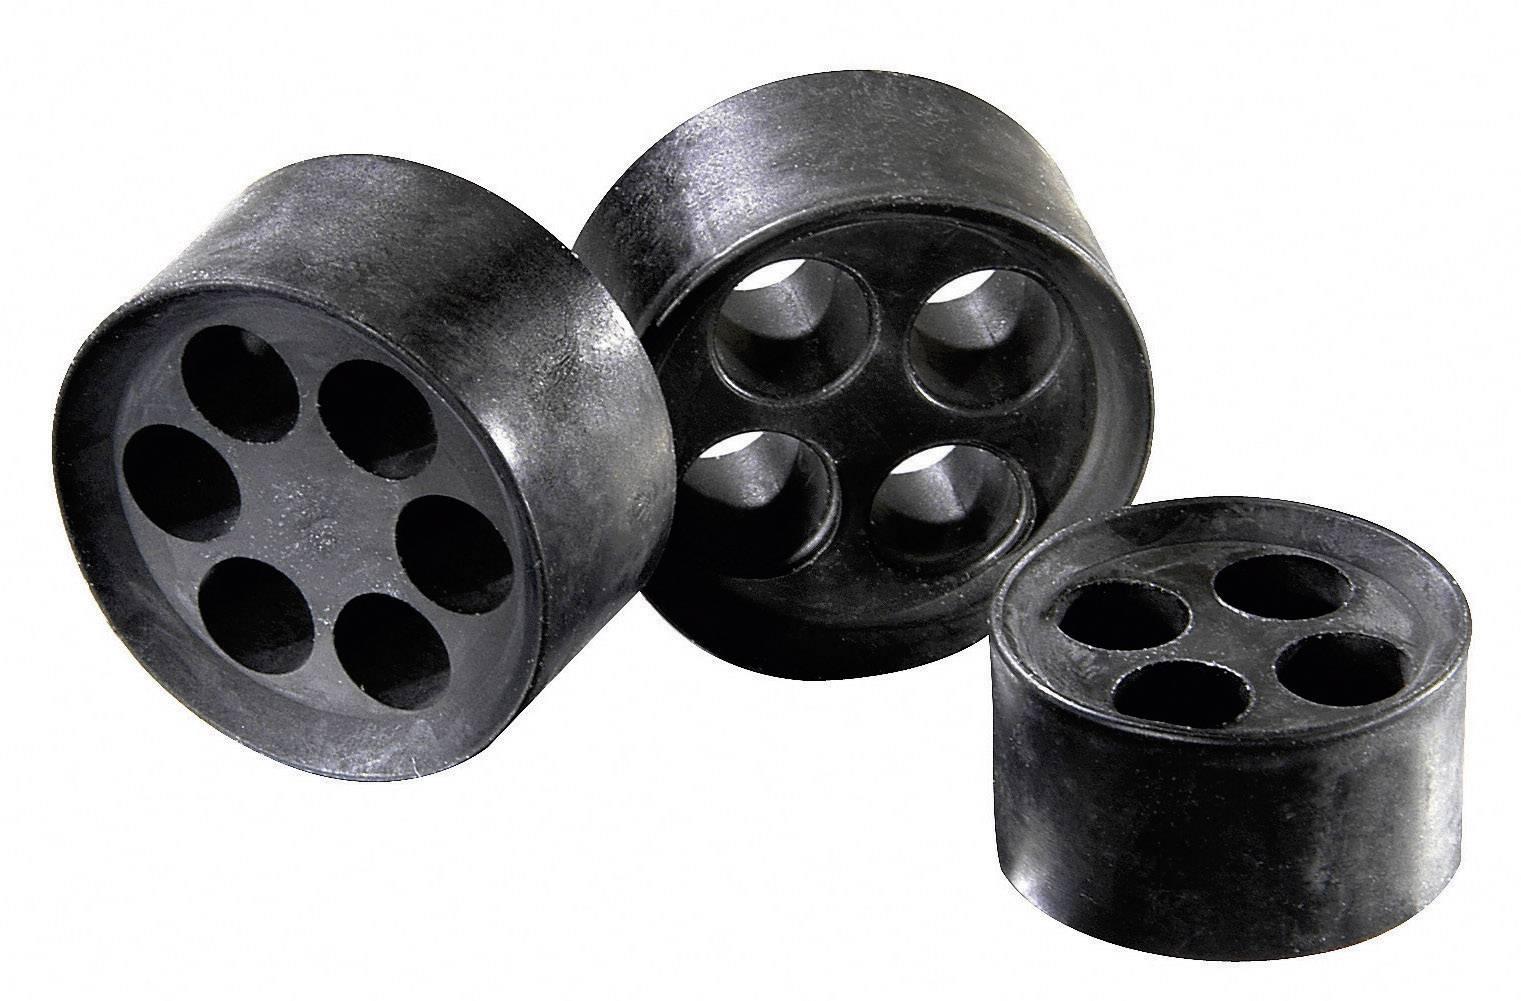 Těsnicí vložka M50 Wiska MFD 50/09/080 (10064394), IP66, M50, elastomer, černá